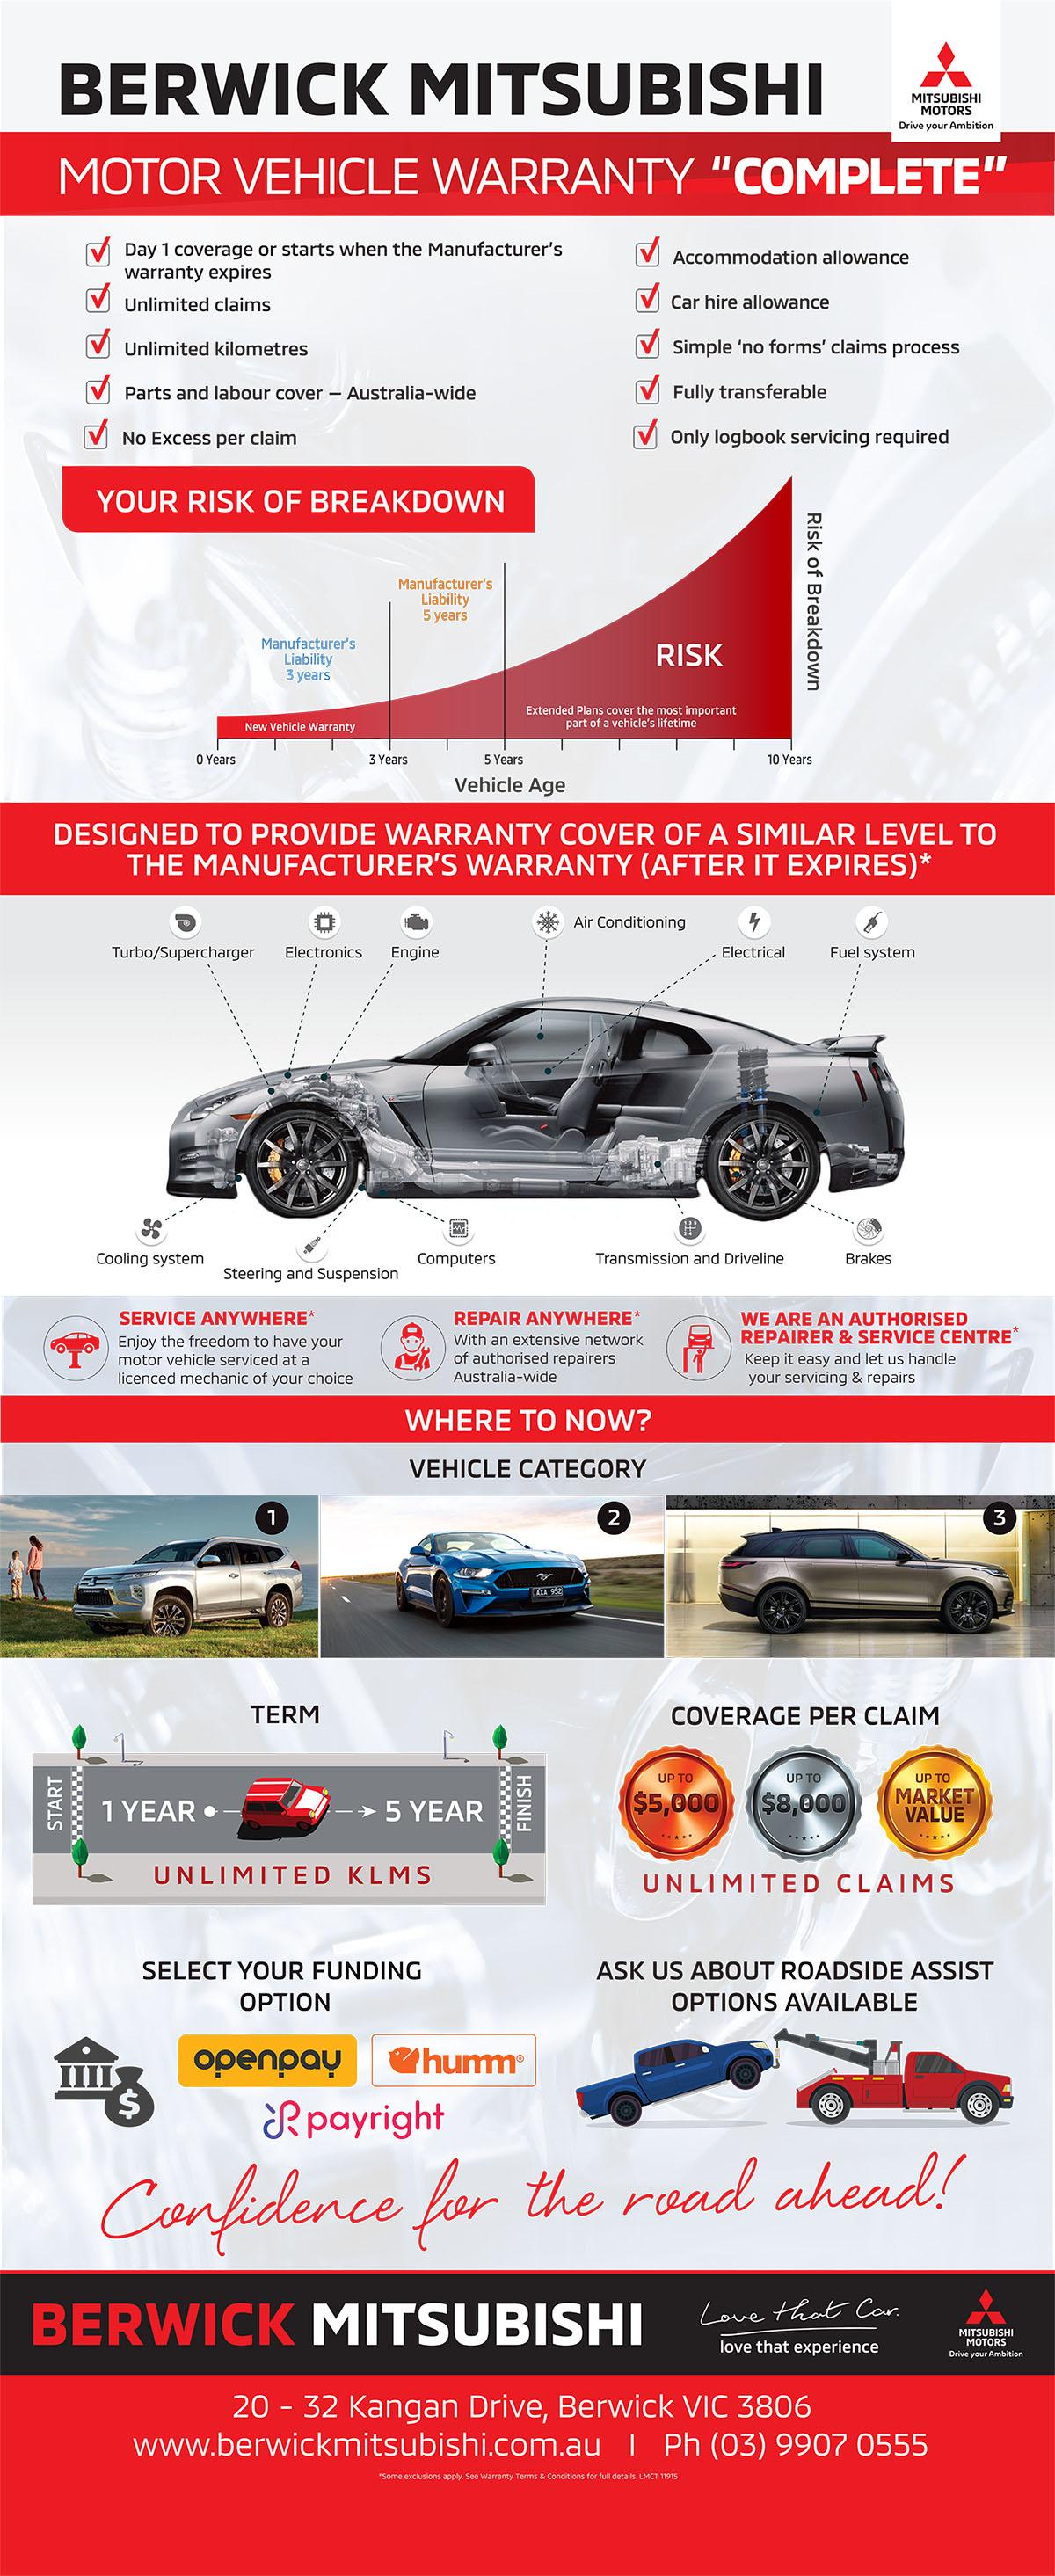 Berwick Mitsubishi - Motor Vehicle Warranty - Complete